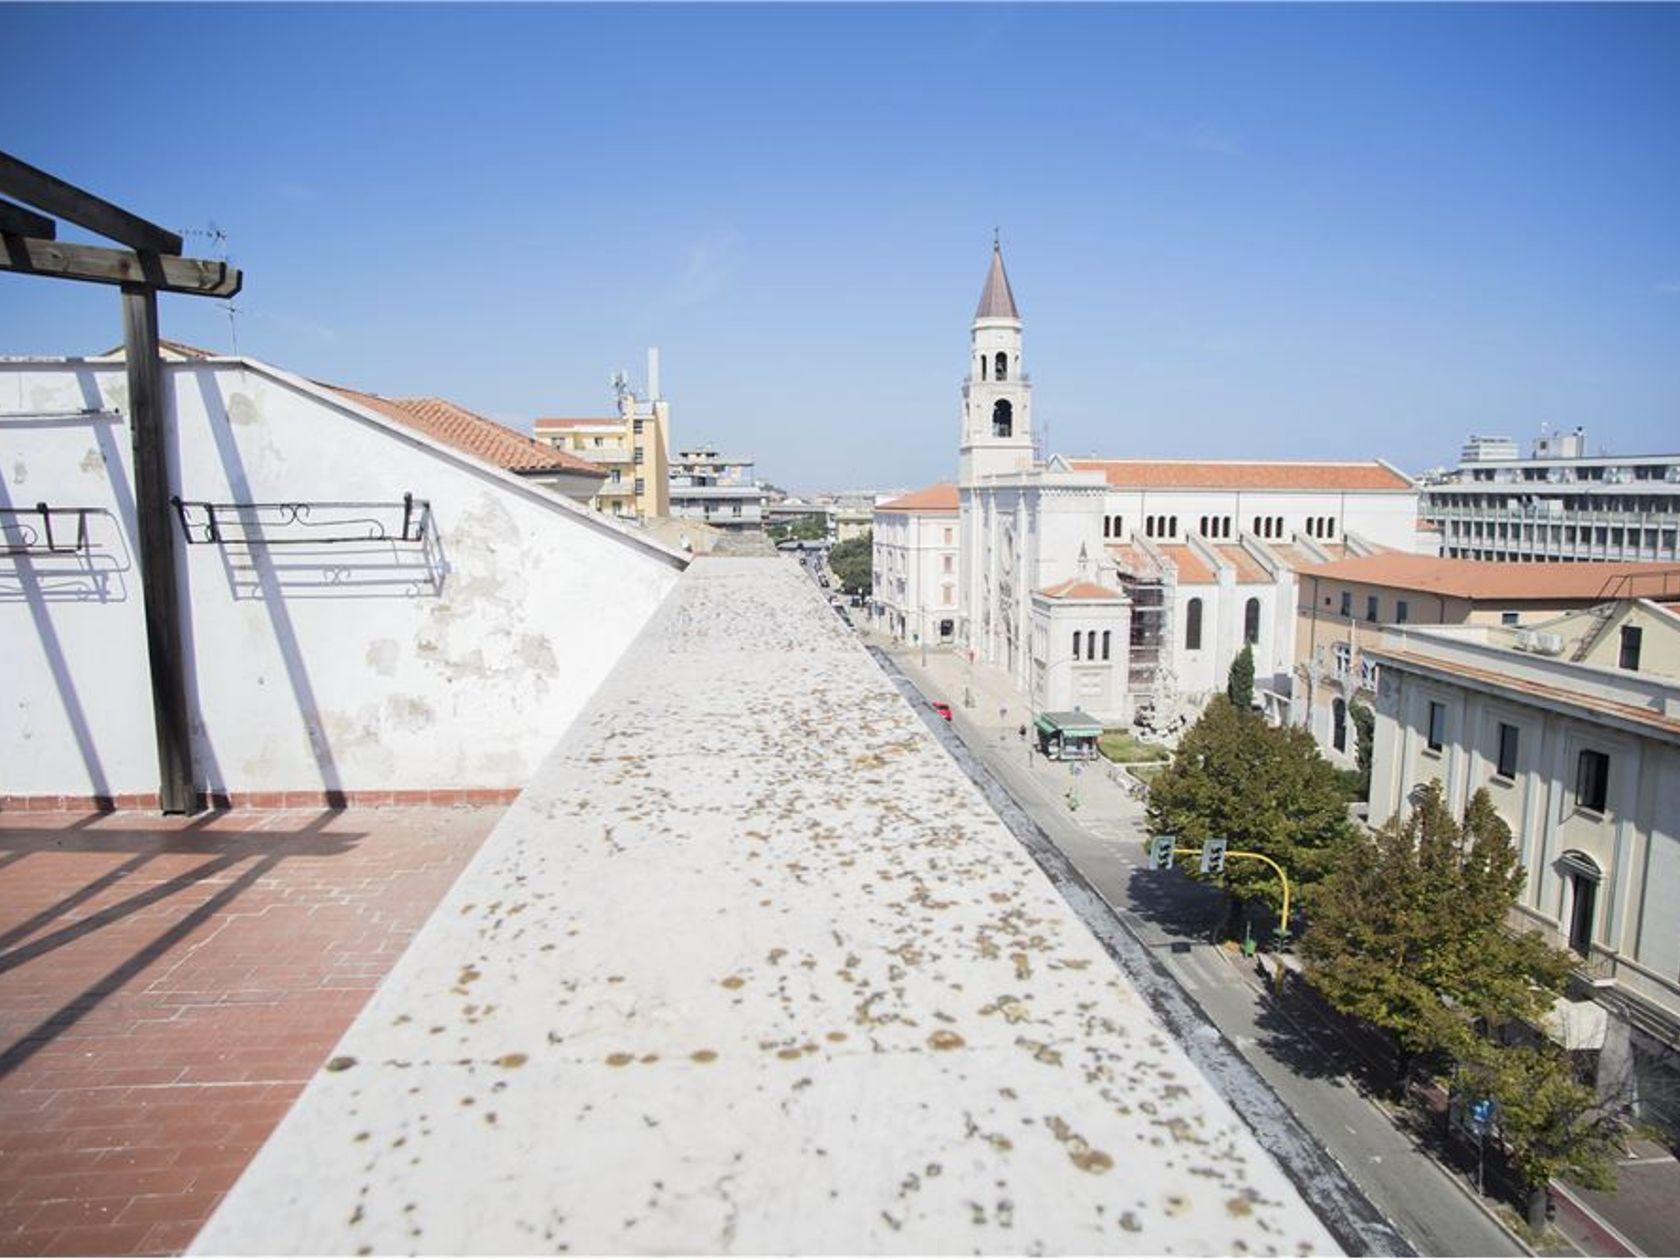 Attico/Mansarda Porta Nuova, Pescara, PE Vendita - Foto 3